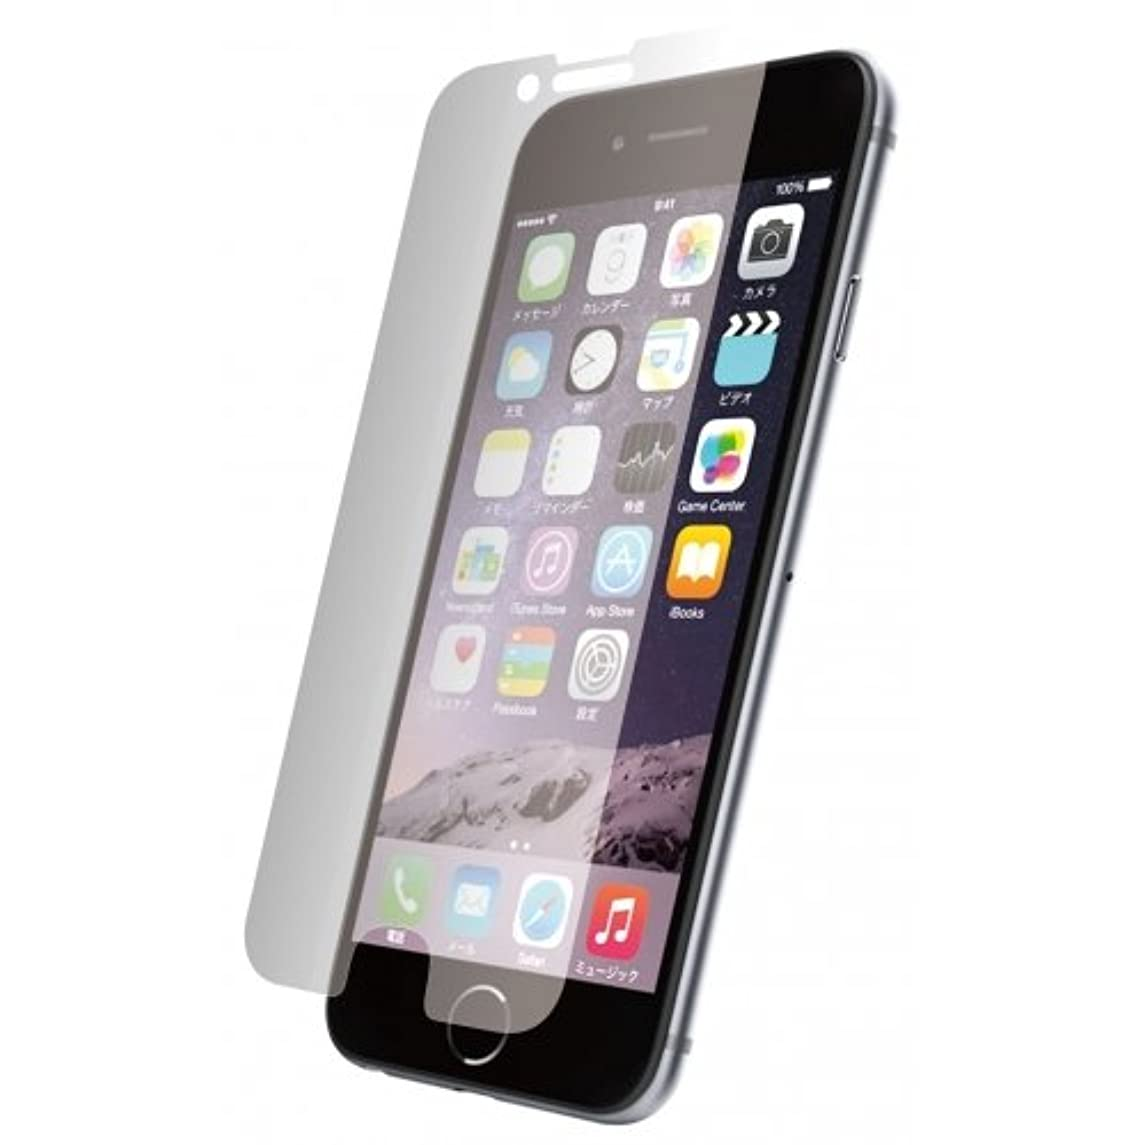 アラブサラボシャベルラビリンスグルマンディーズ iPhone6Plus対応 ガラスシールド プライバシー IP6L-22